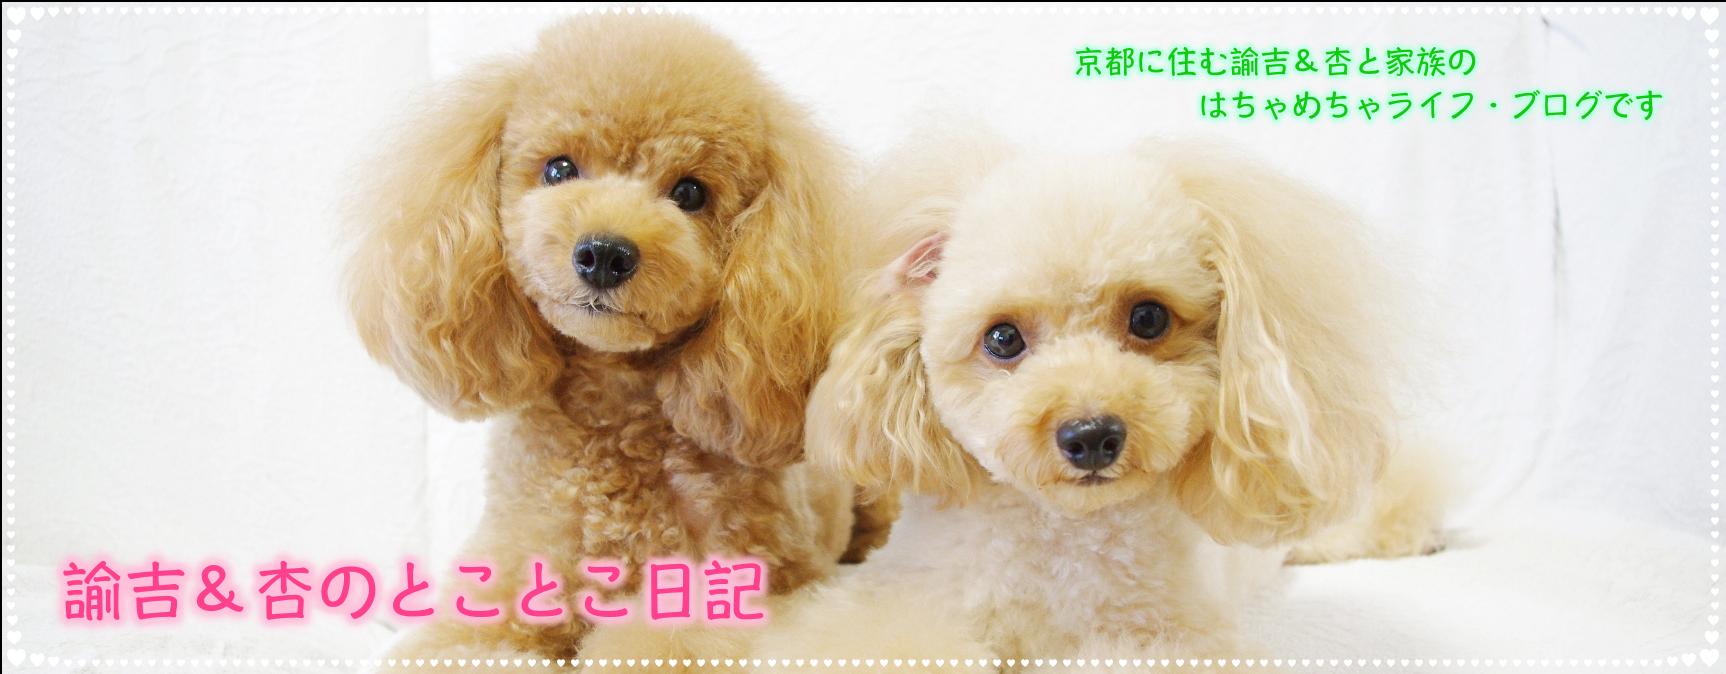 諭吉&杏のとことこ日記|トイプードル ブログ